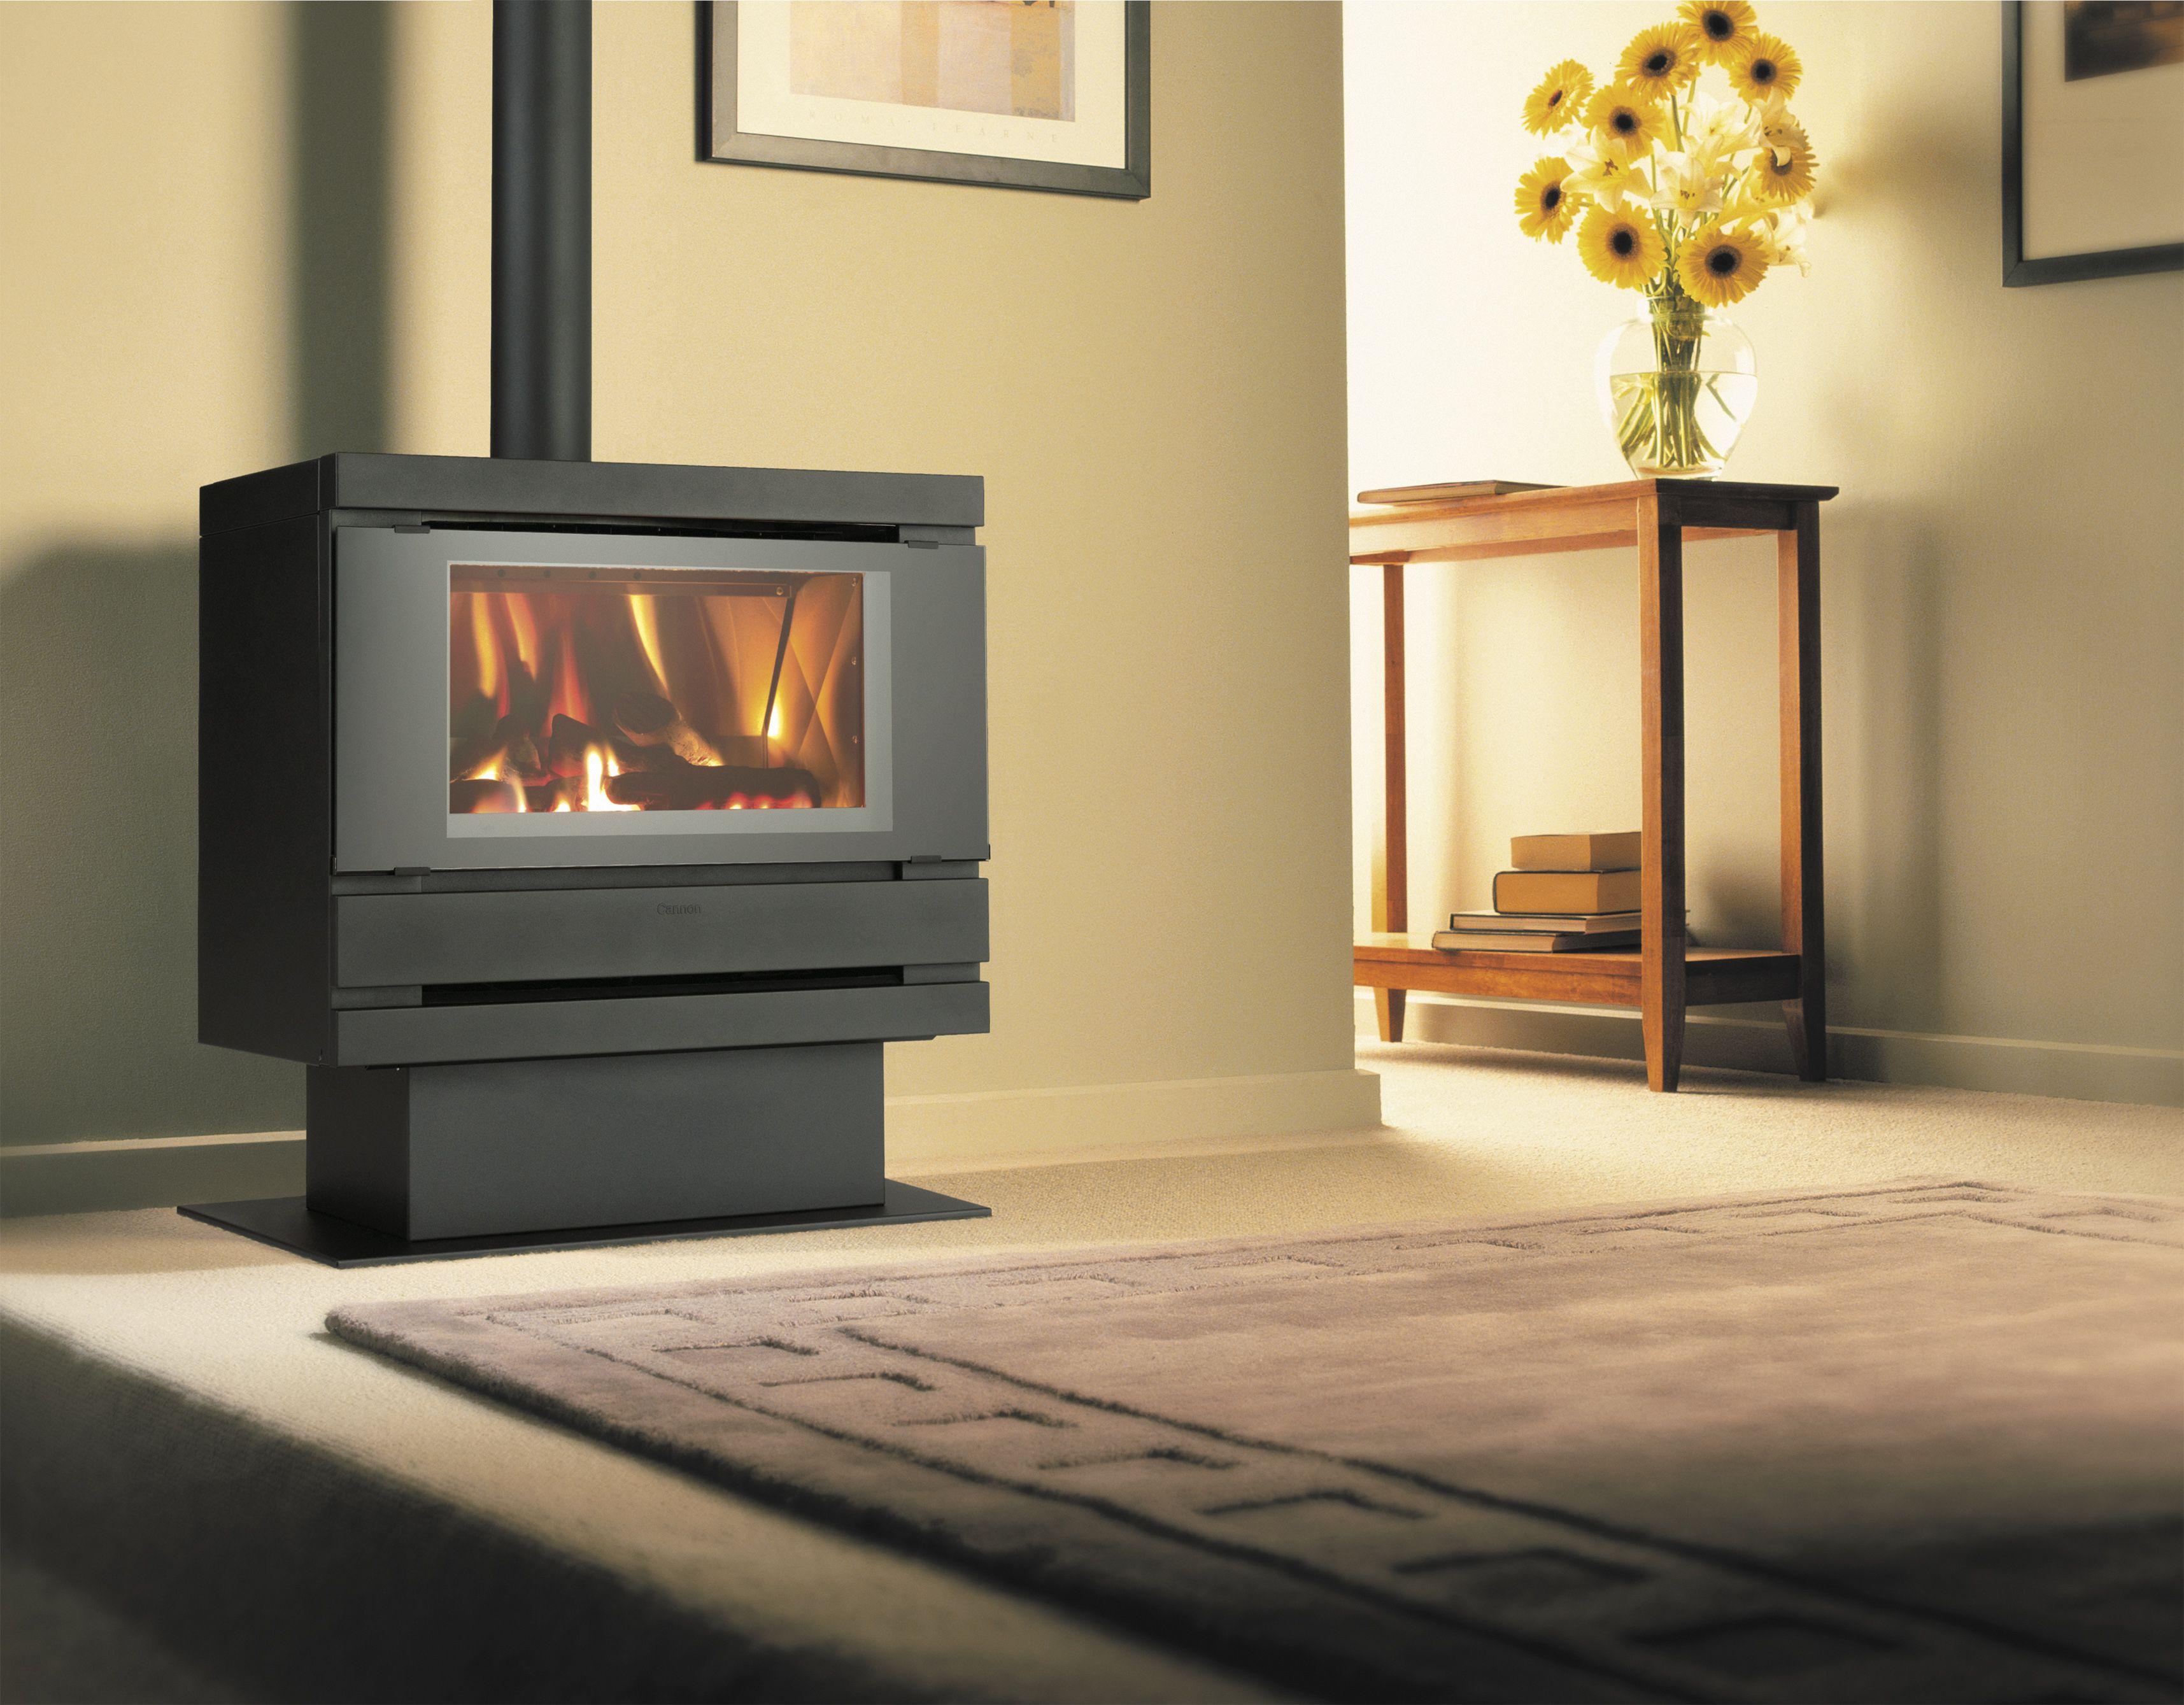 Газовый камин для загородного дома, дачи и квартиры: обзор, выбор моделей + фото